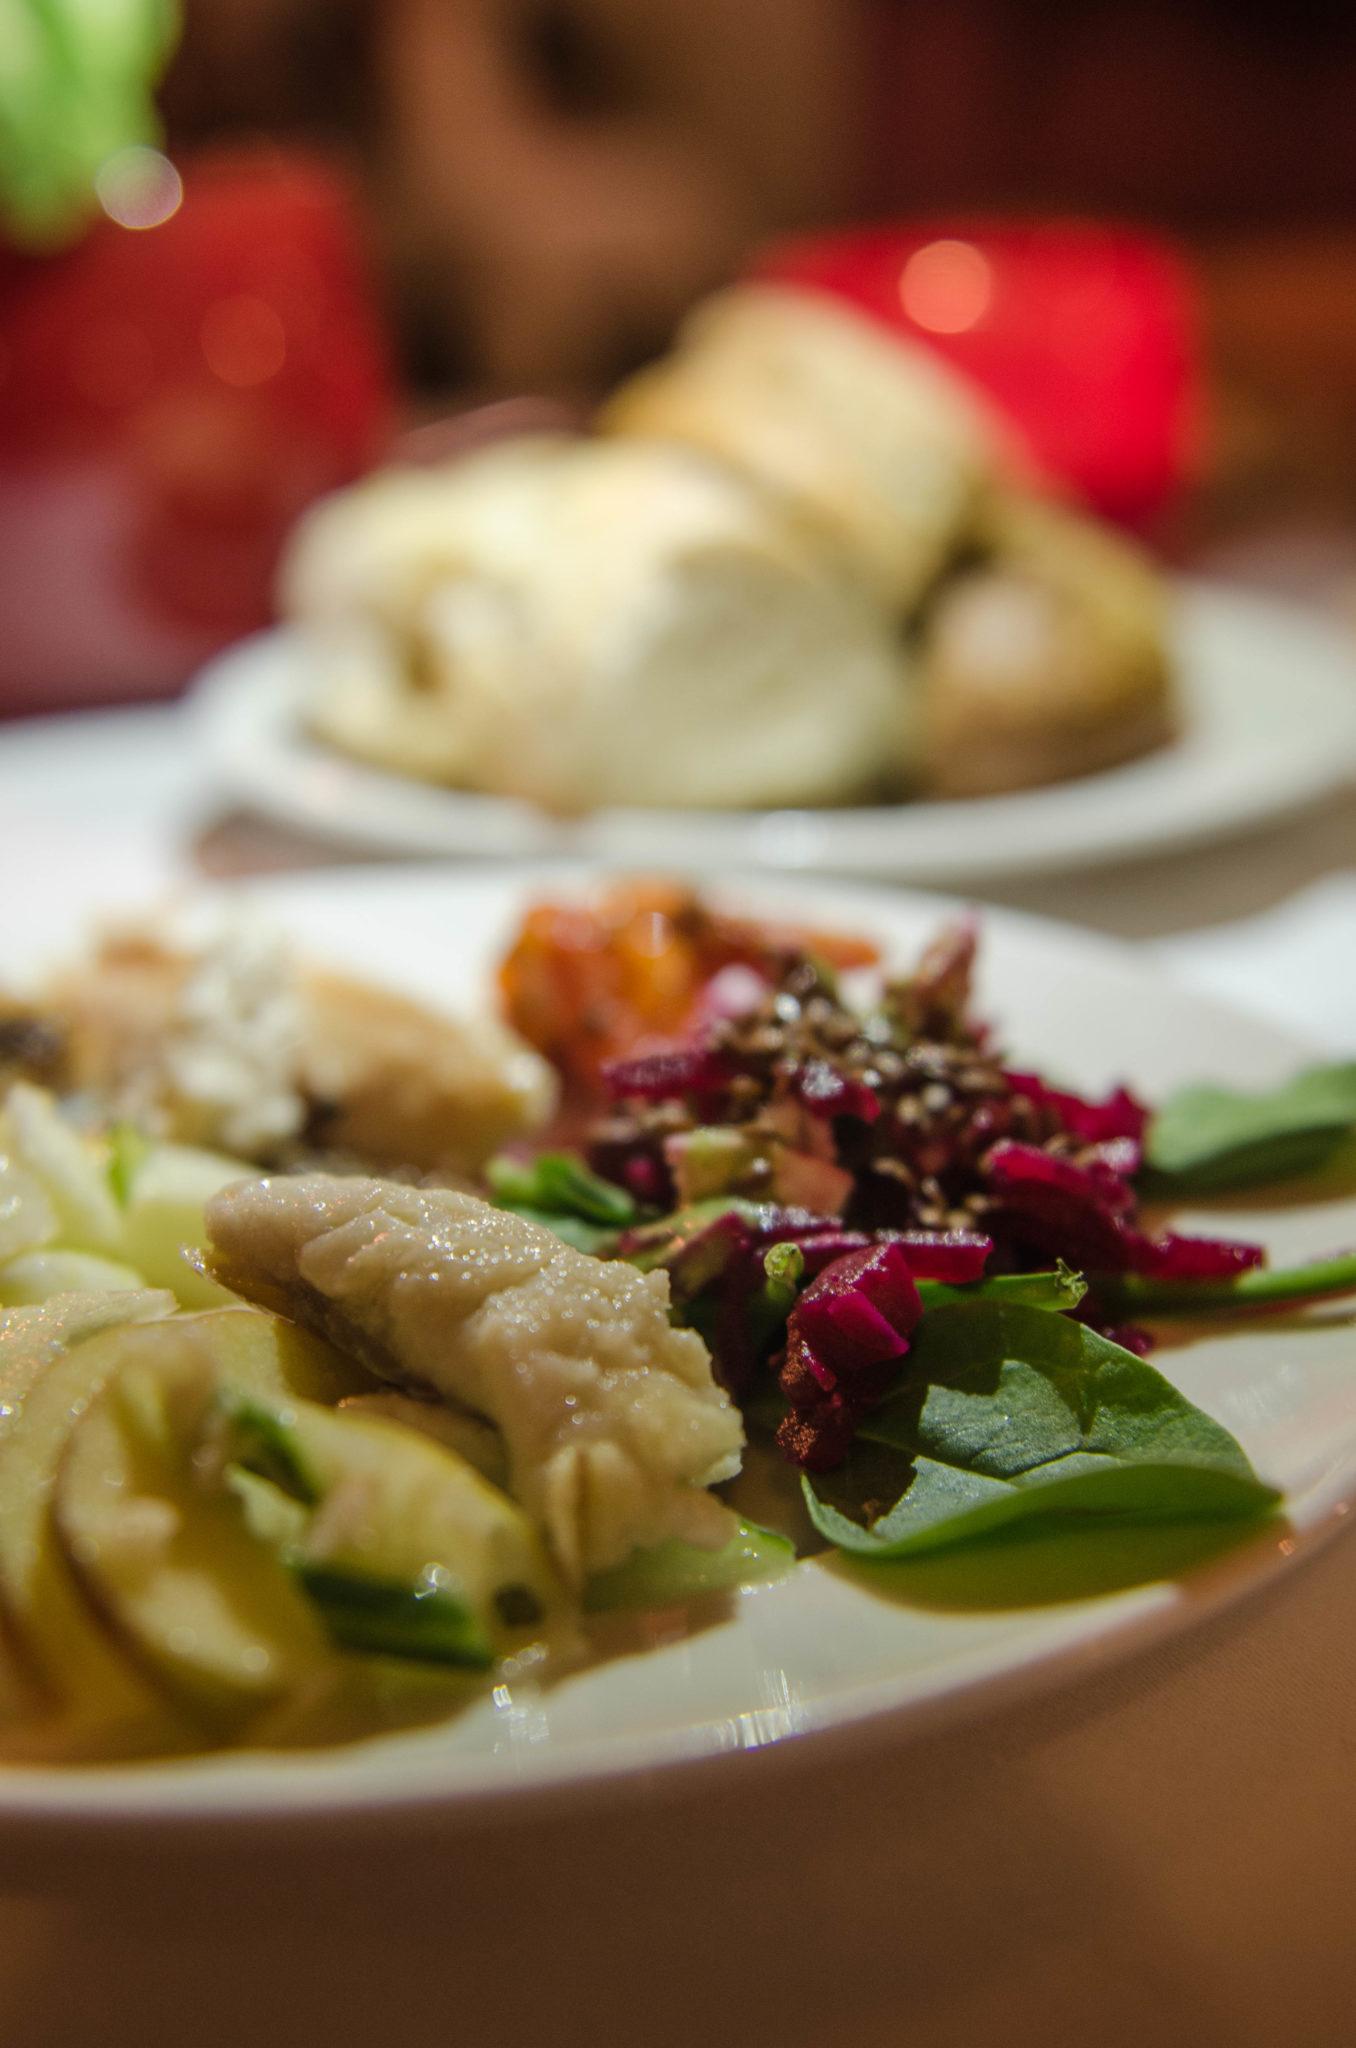 Zum Abendessen im Resort Mark Brandenburg gibt es regionale Spezialitäten aus der Umgebung von Neuruppin.